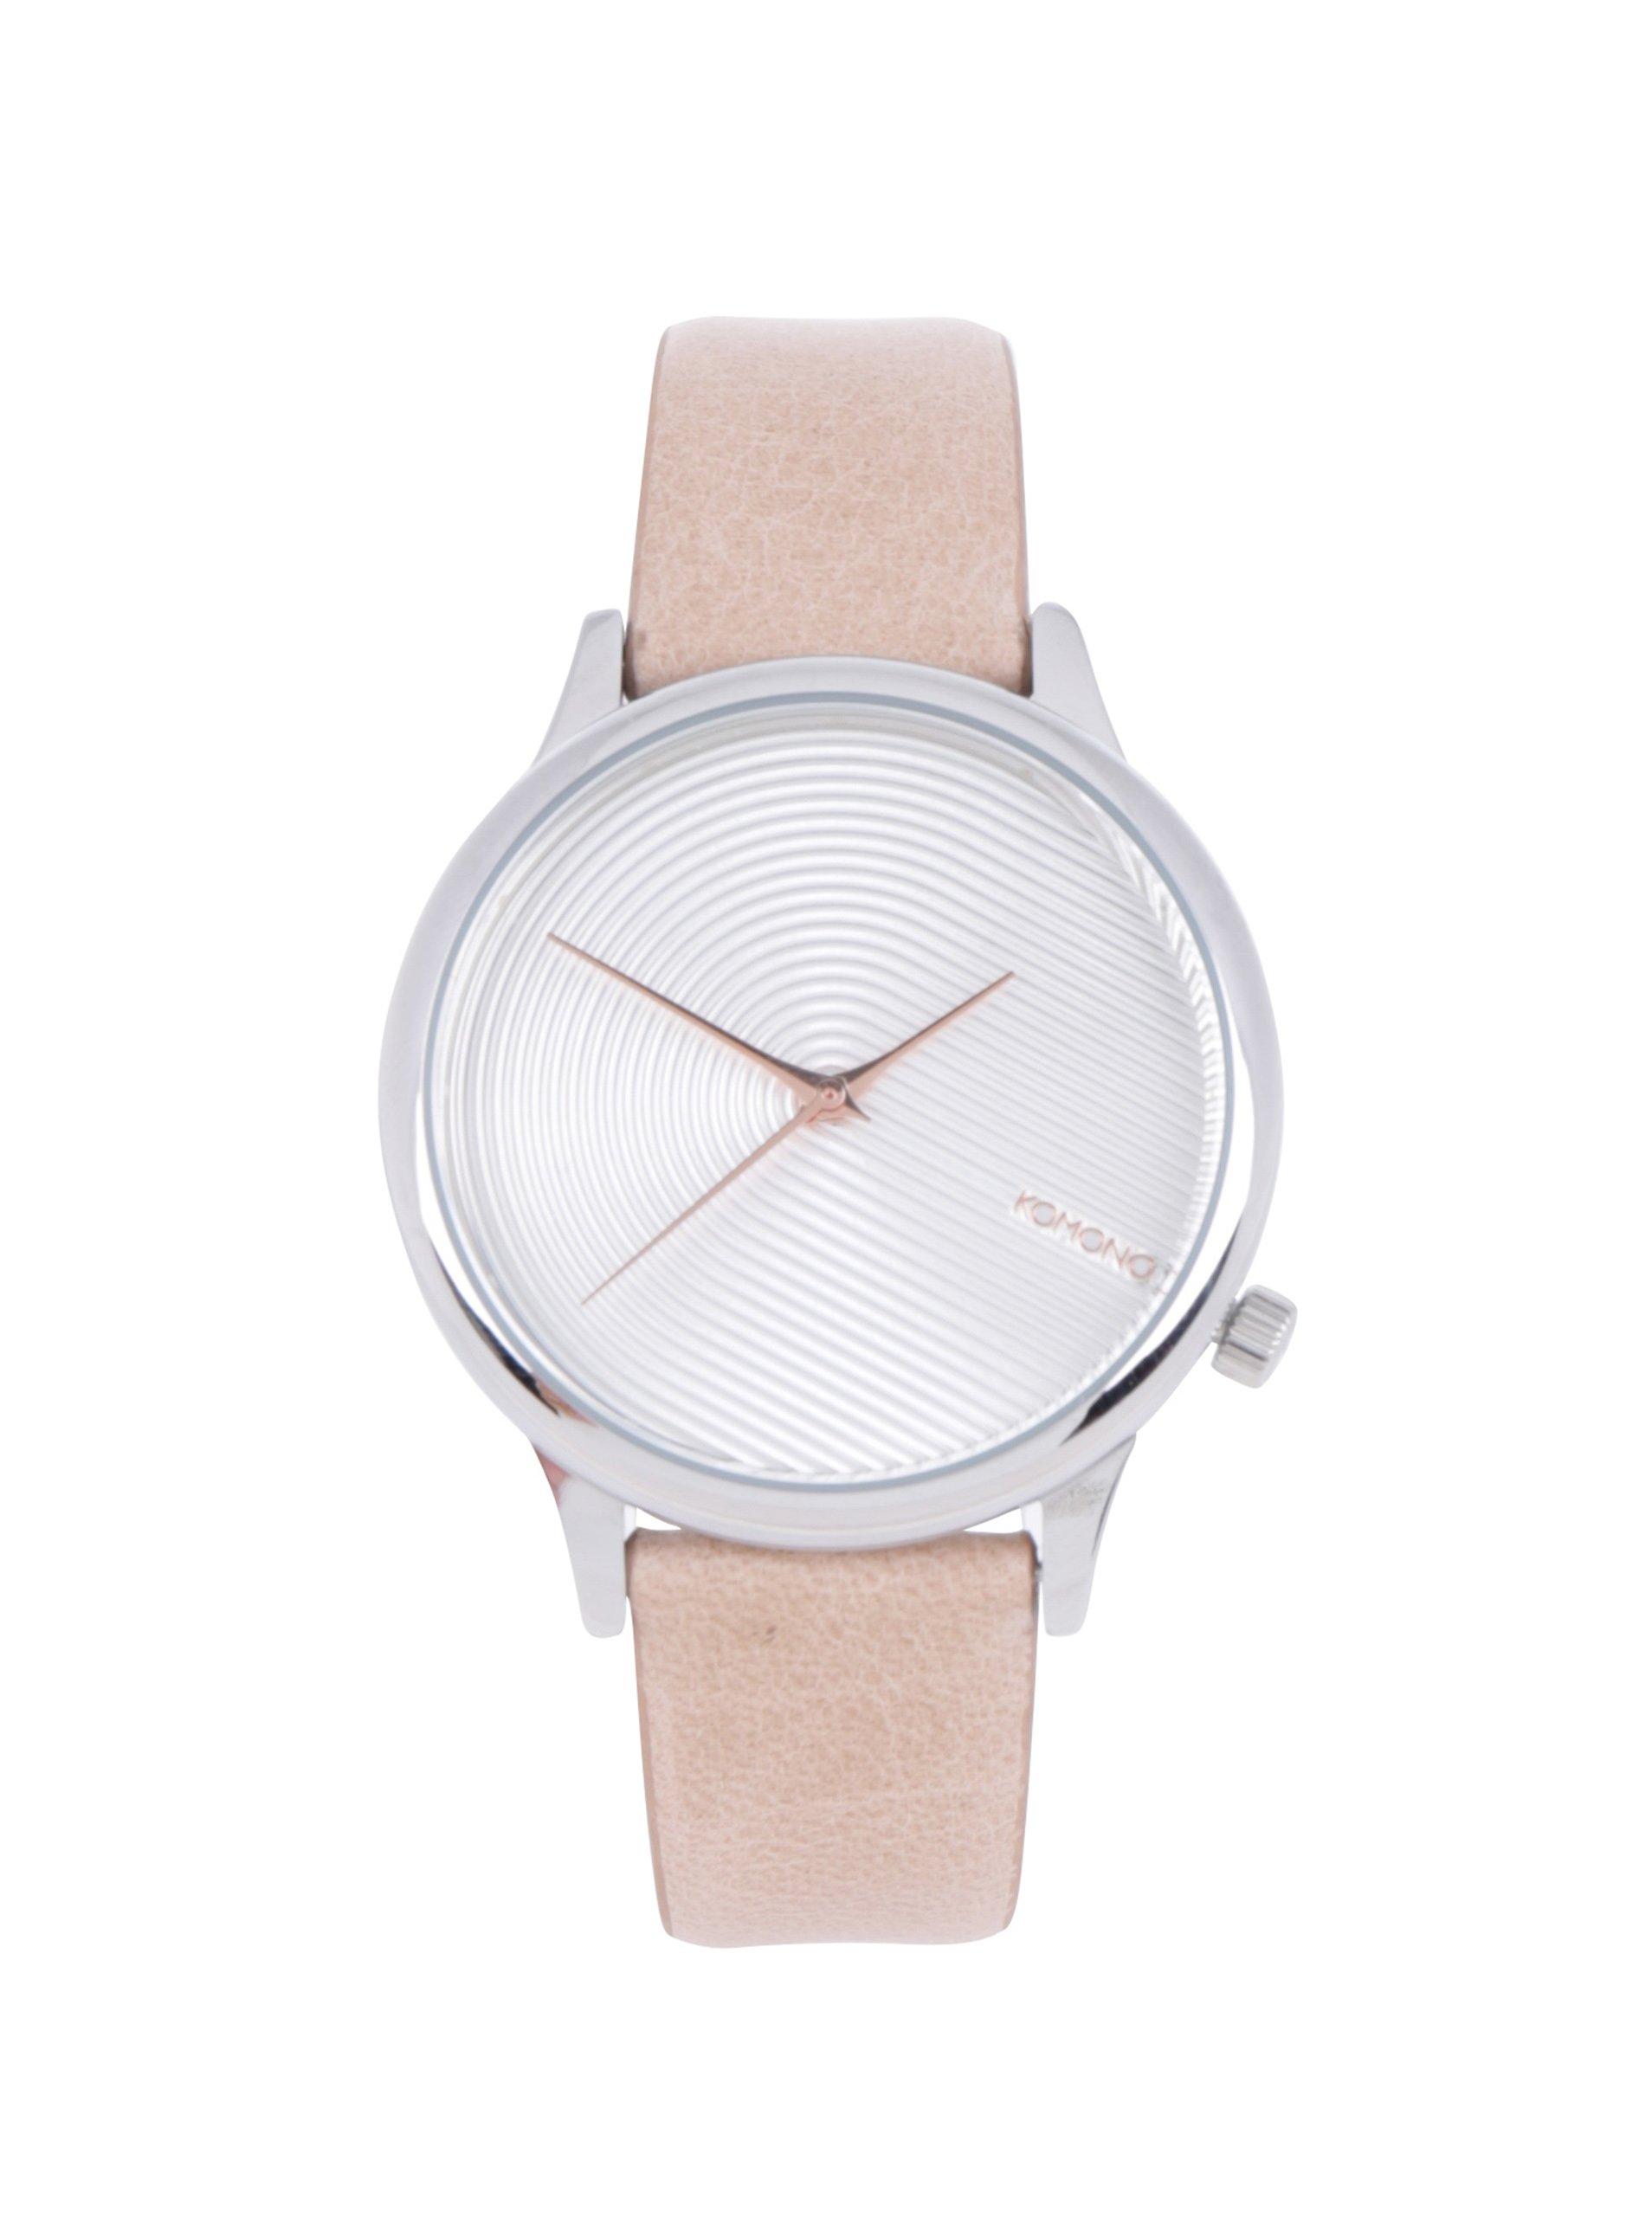 Dámské hodinky ve stříbrné barvě s béžovým koženým páskem Komono Estelle Deco